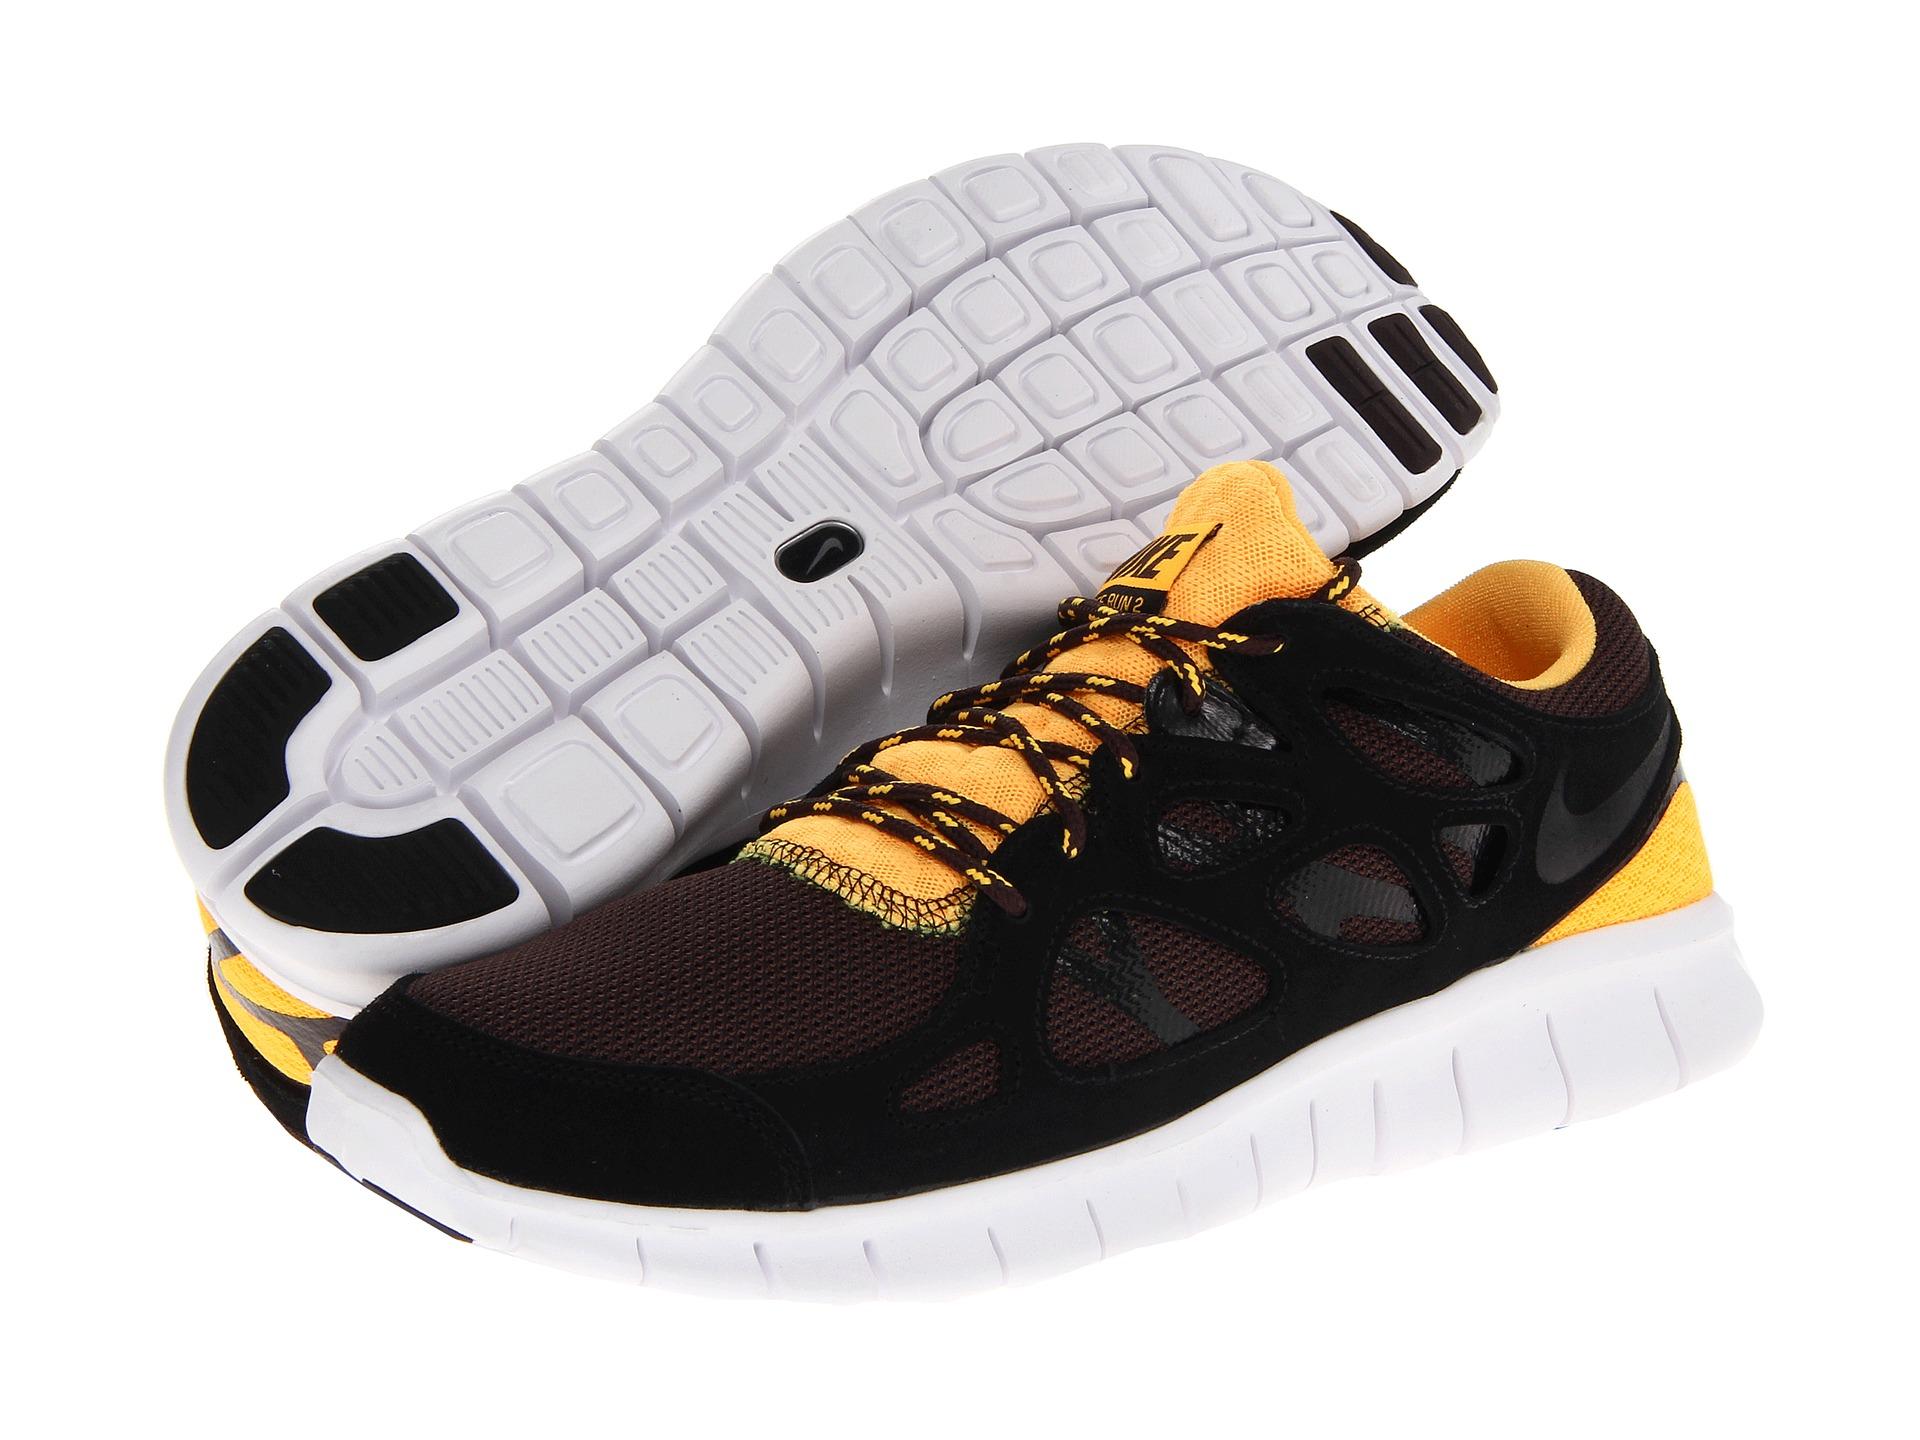 Nike Free Run+ 2 Men's Running Shoes  $36 + Free Shipping